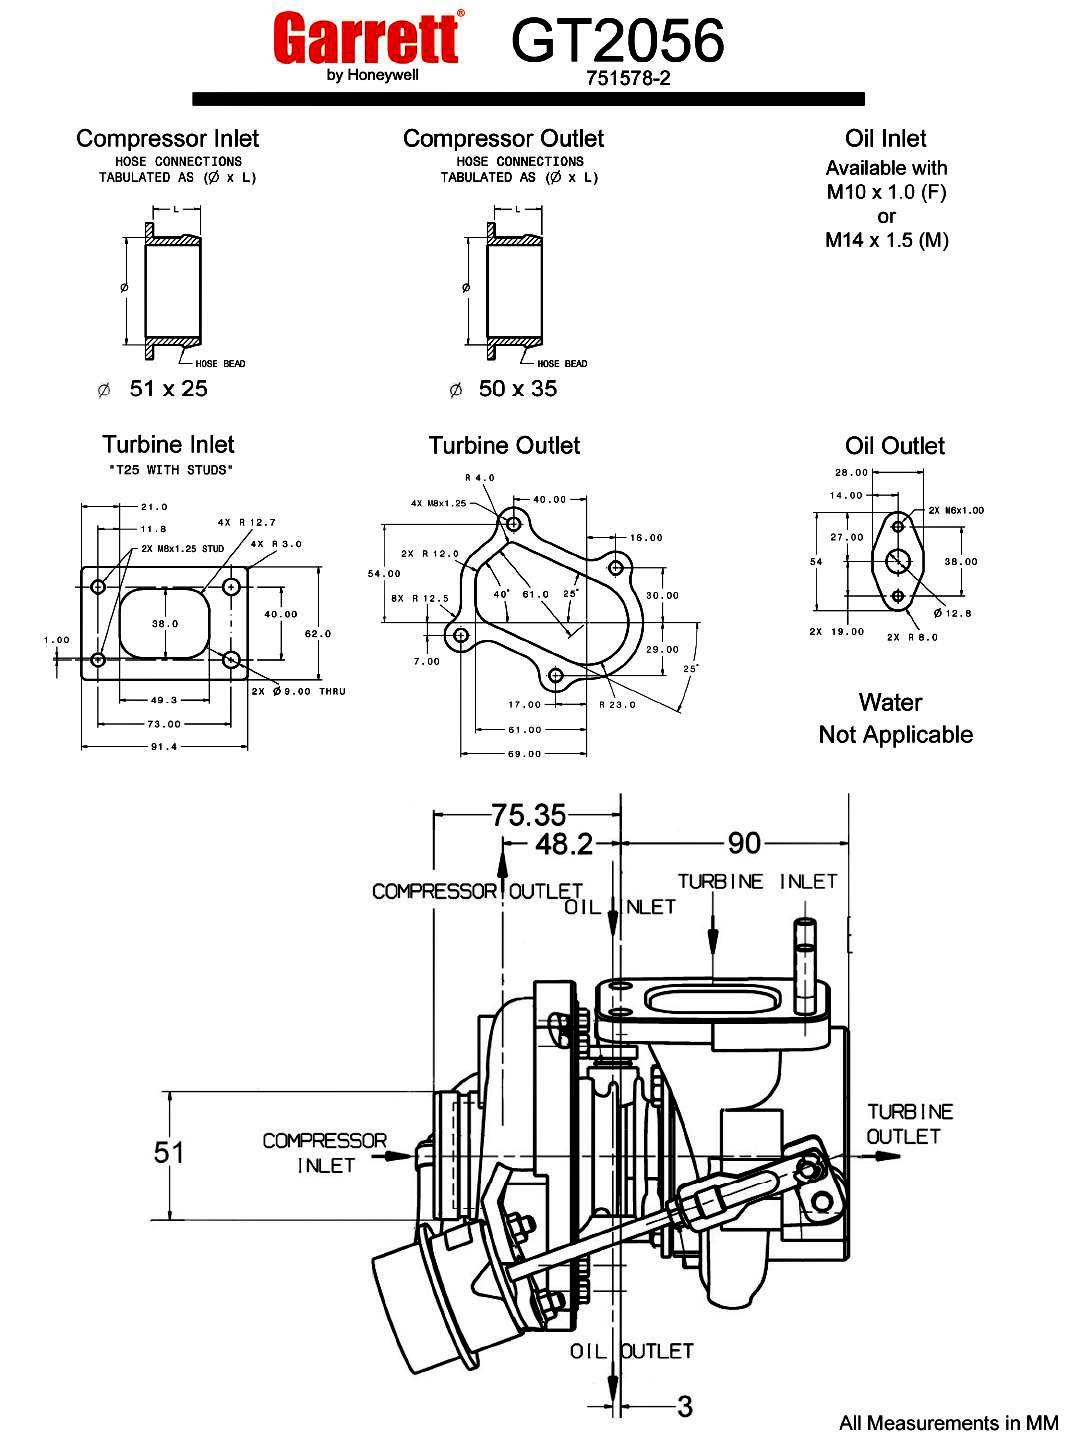 Turbocharger Specs Garrett Gt20